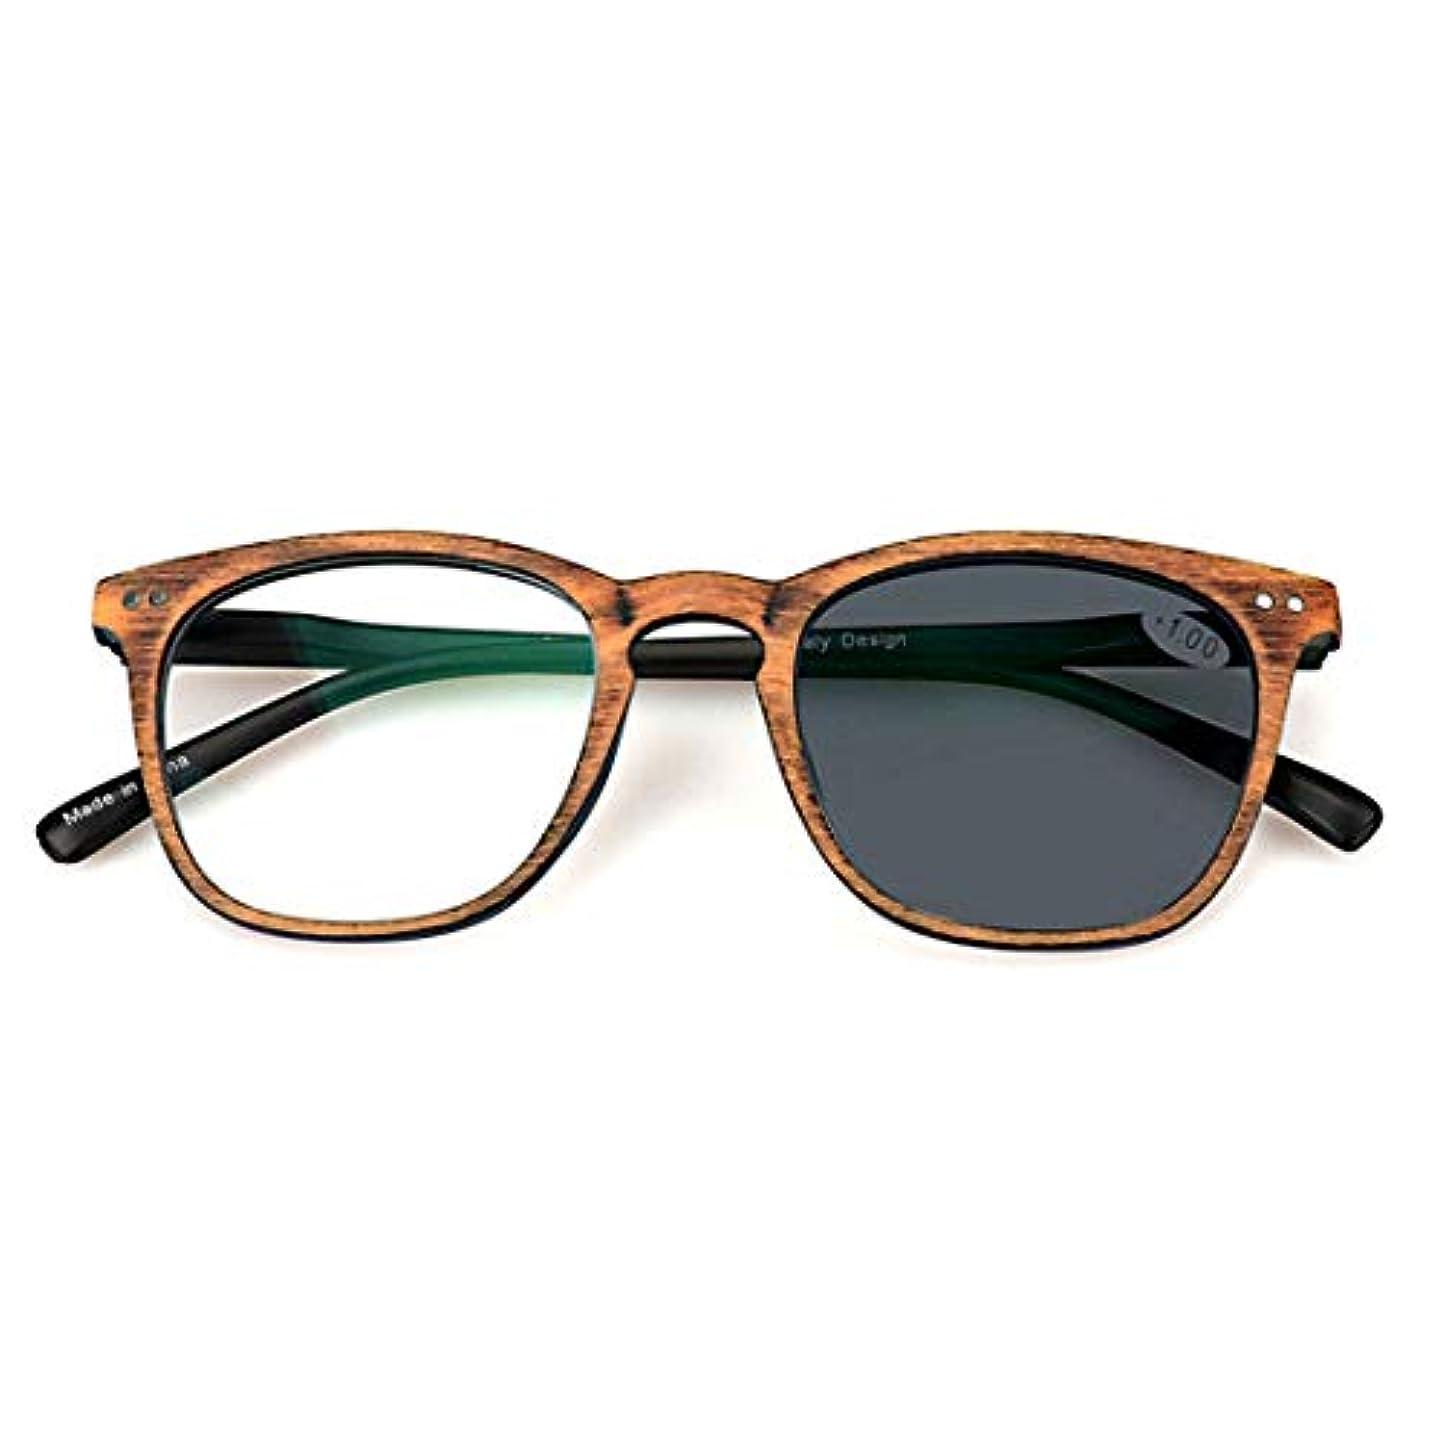 老眼鏡 おしゃれ男女兼用 虫眼鏡、変色サングラス採用 非球面 付き バネ蝶番 、プログレッシブ多焦点老眼鏡